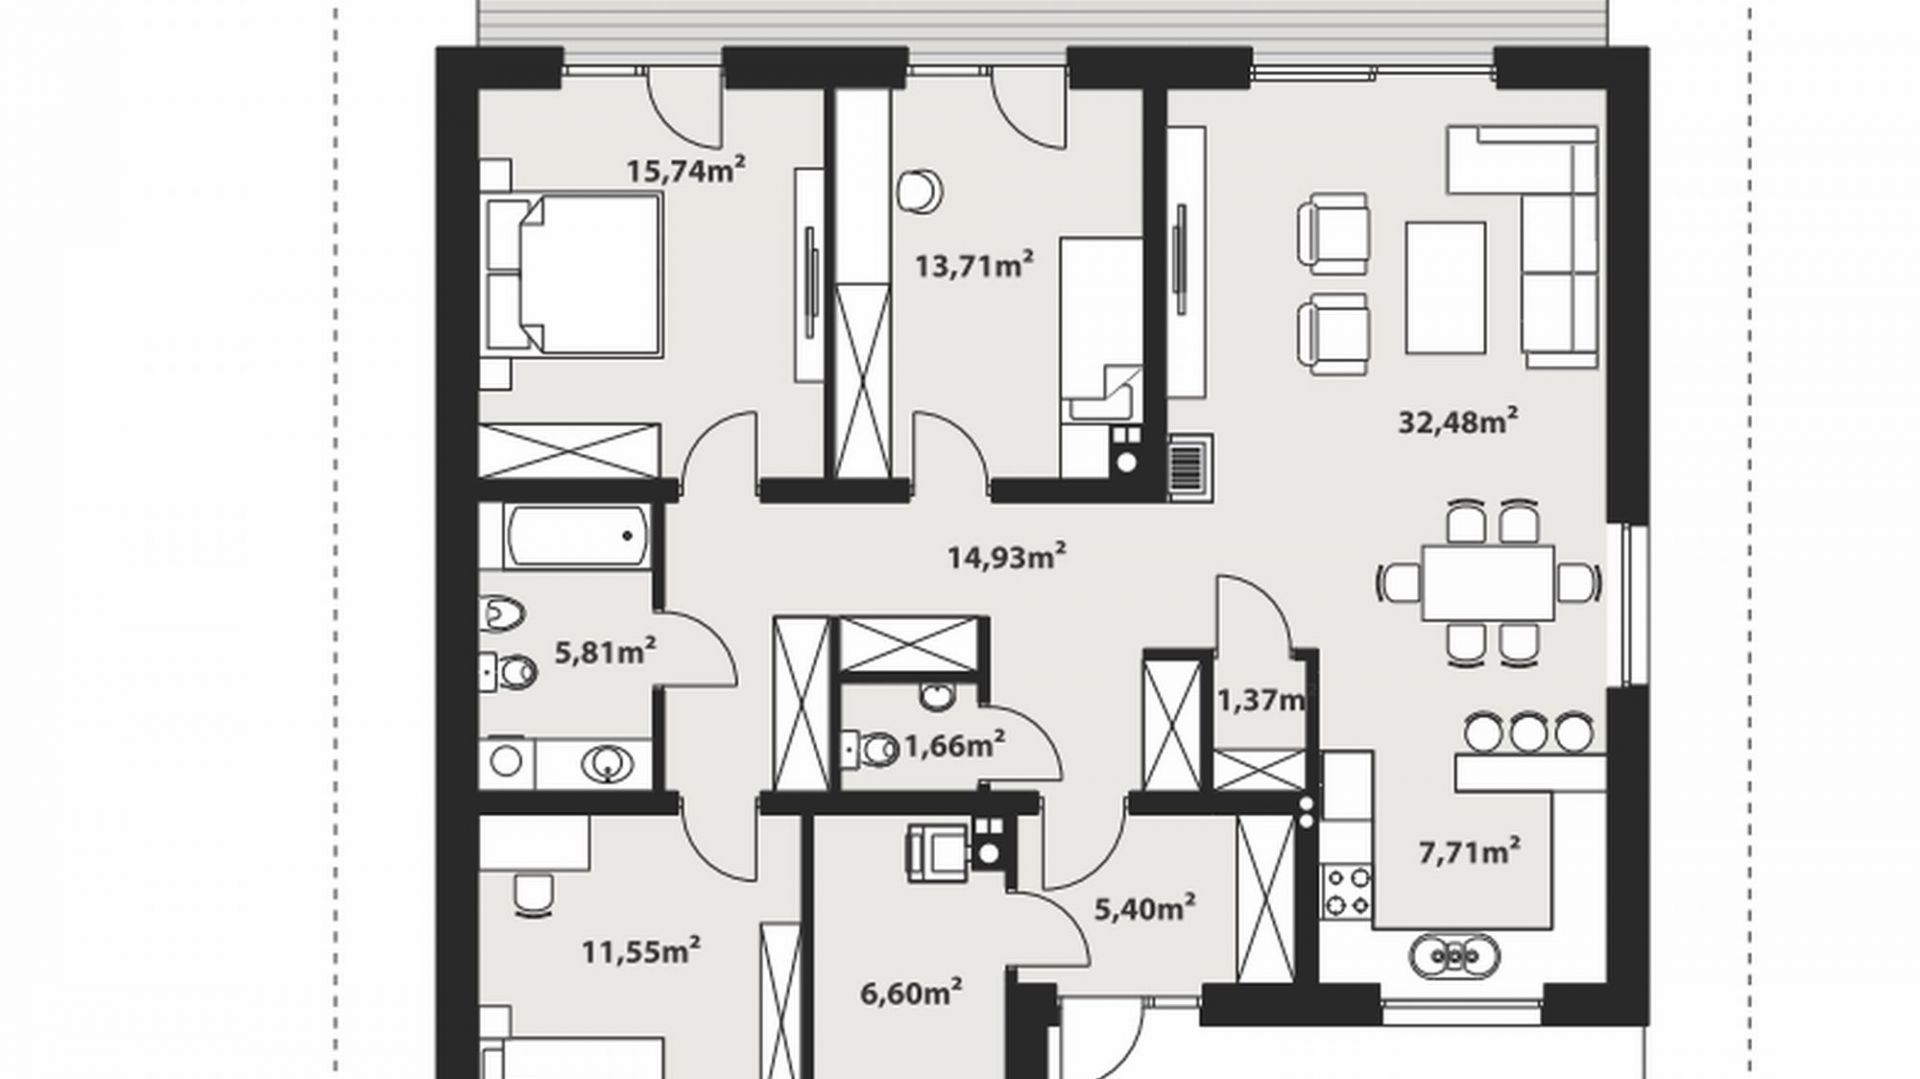 Mały Parterowy Dom Dla Rodziny Zobacz Projekt I Wnętrze